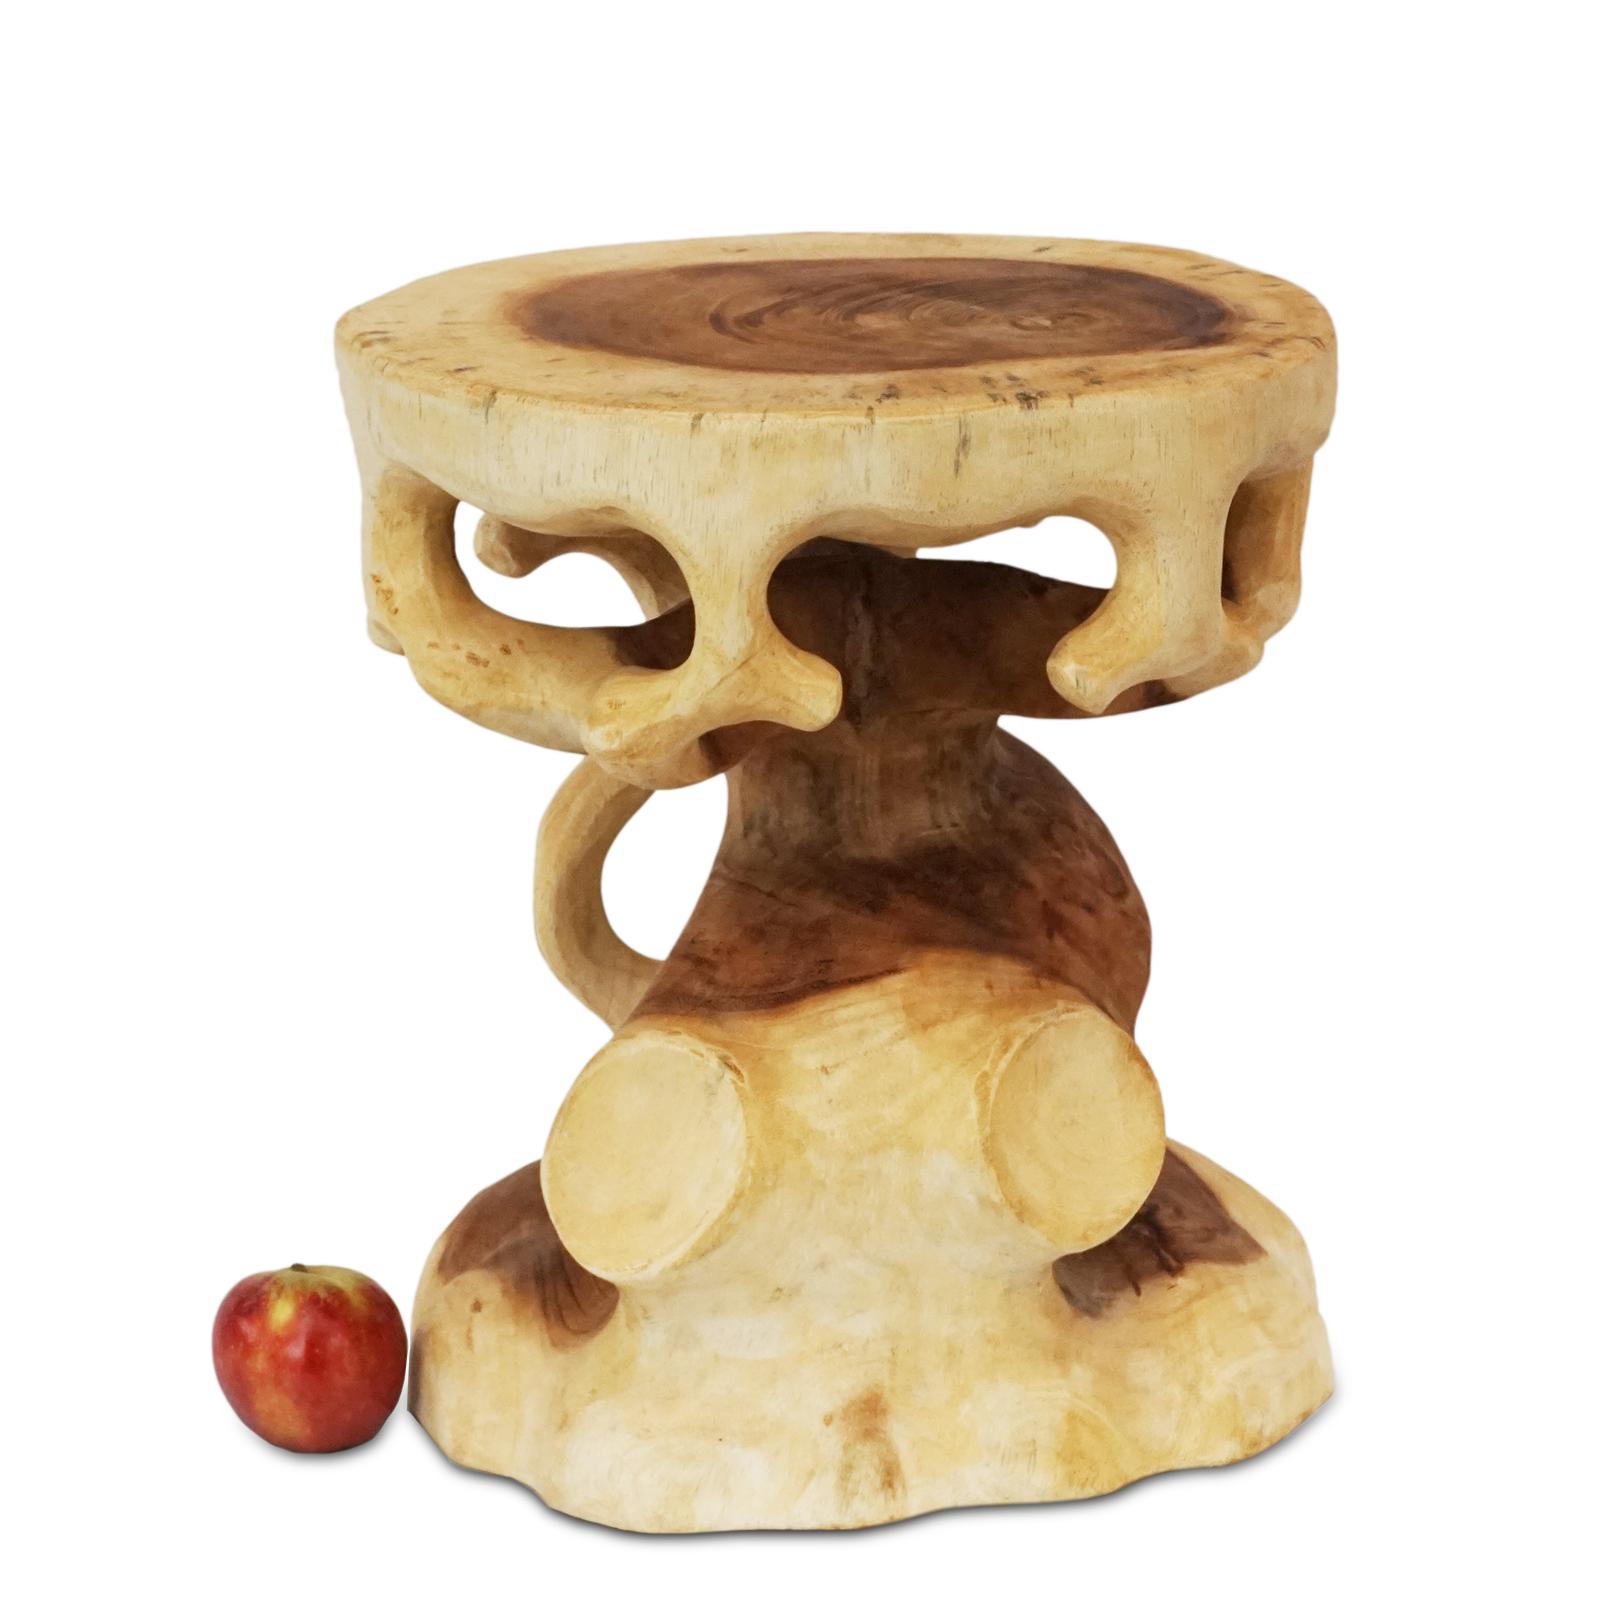 Saman-Holz Rundhocker Natur Möbel ca. 40 cm Blumenhocker Holzhocker Massiv Unikat Beistelltisch Ablagetisch – Bild 2